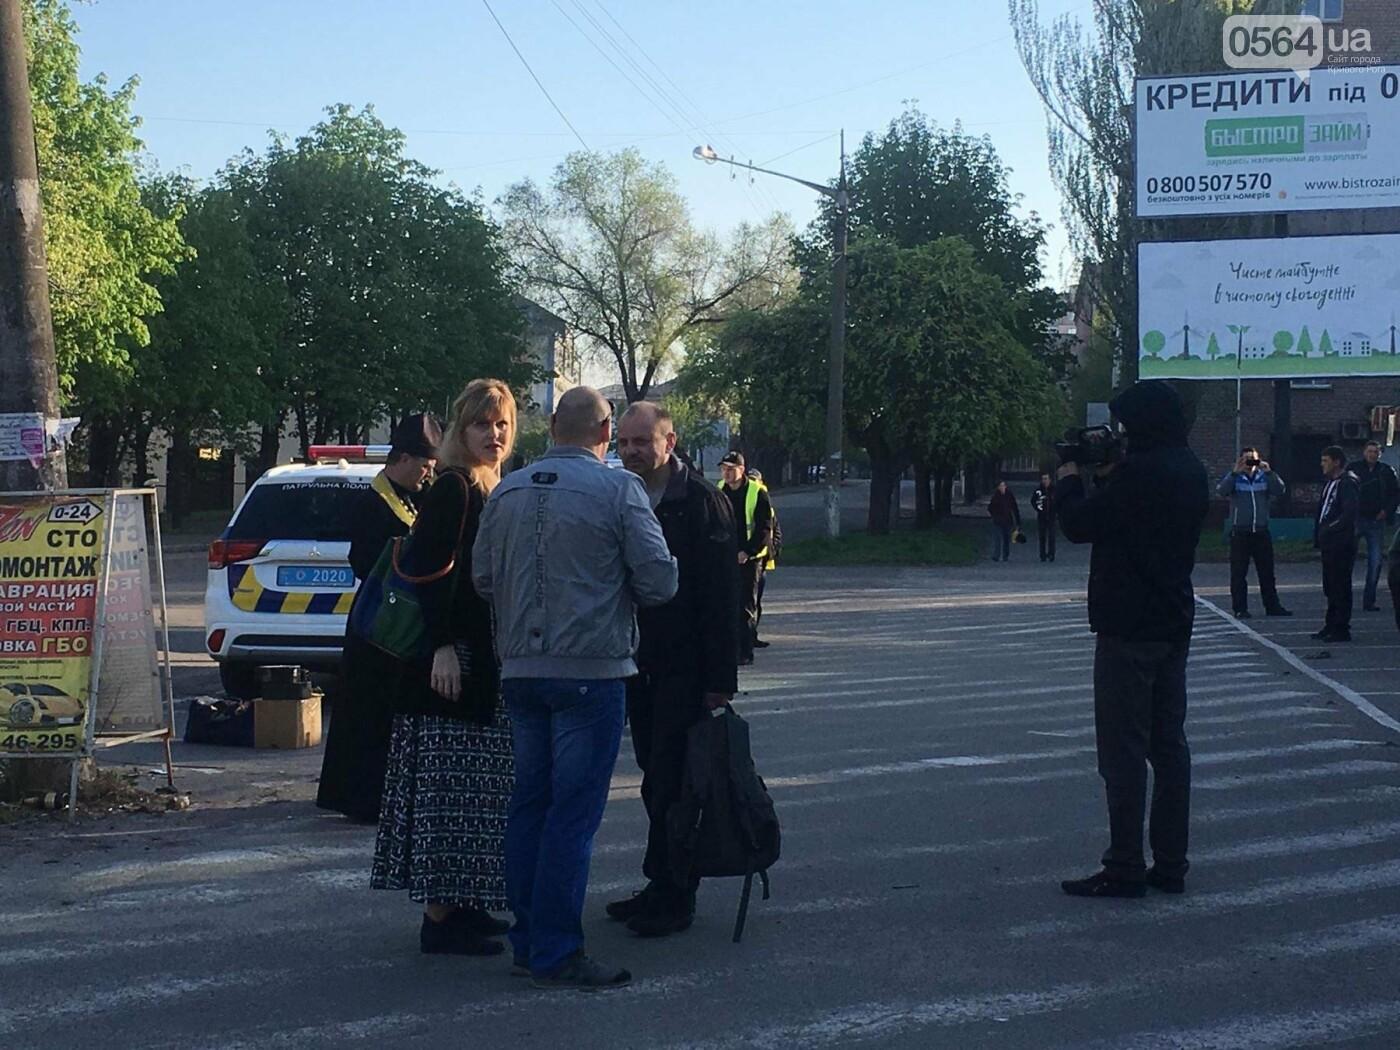 Сотни криворожан сегодня утром выехали на Хортицу, где высадят дубы и установят Крестомеч (ФОТО, ВИДЕО), фото-8